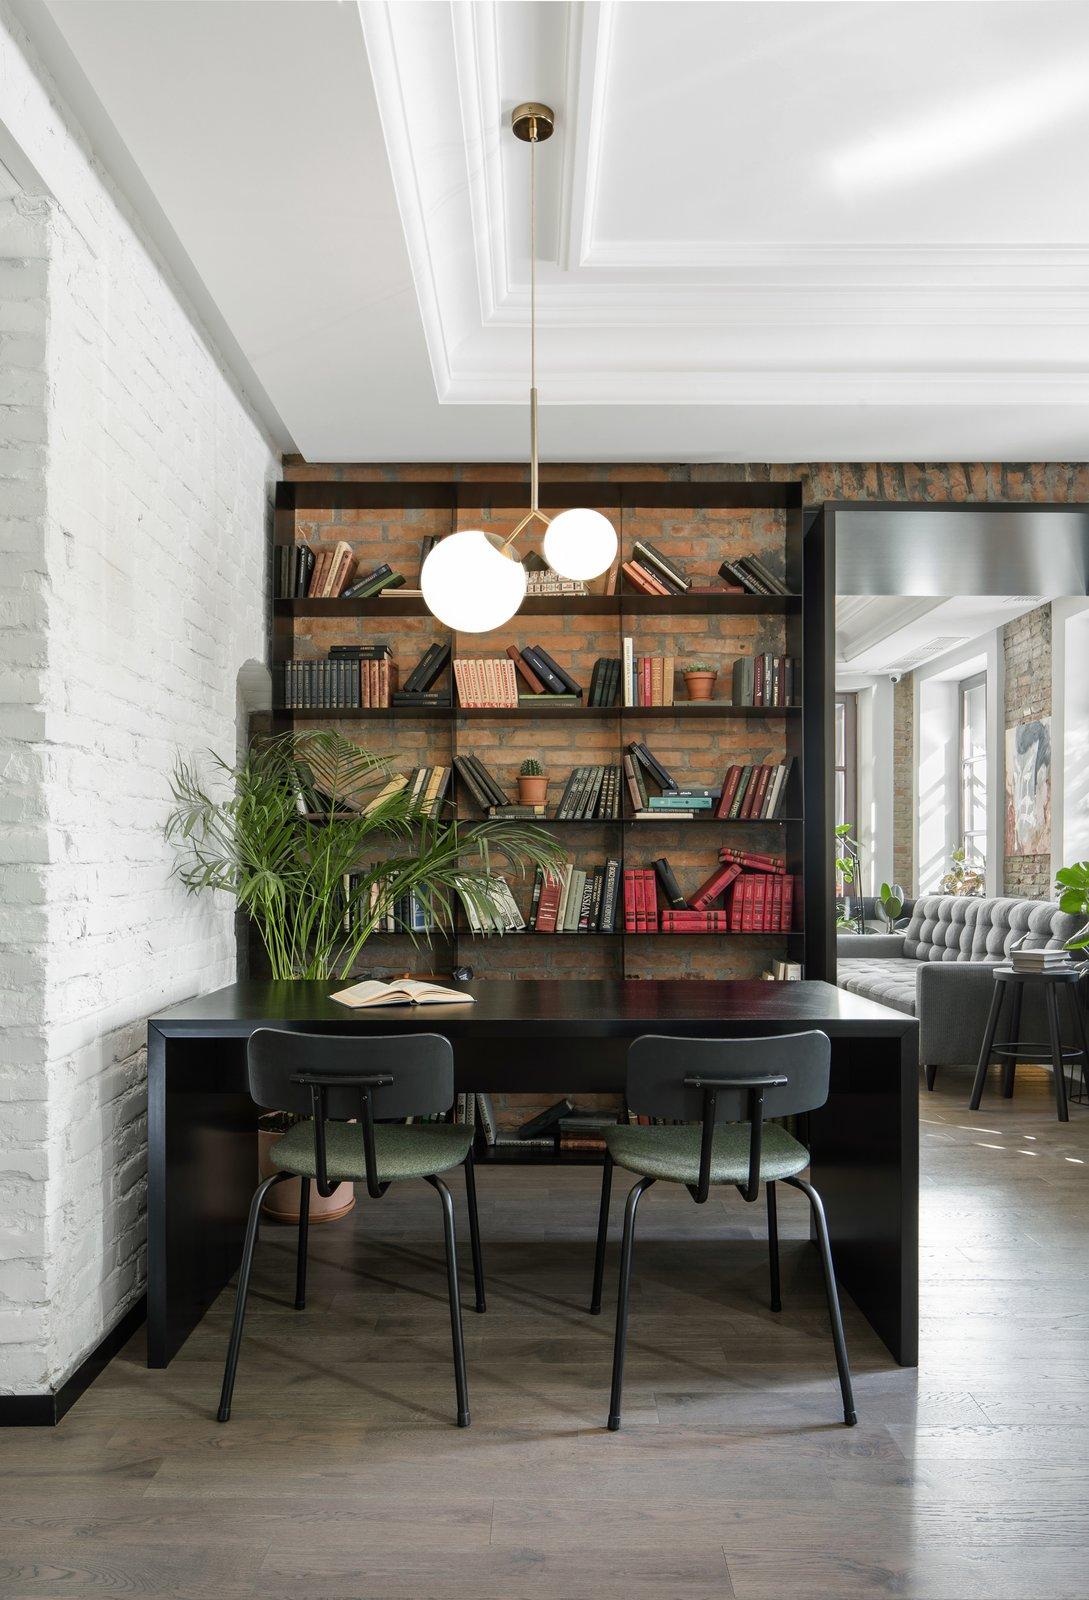 Bursa Hotel lounge with bookshelf and whitewashed brick walls